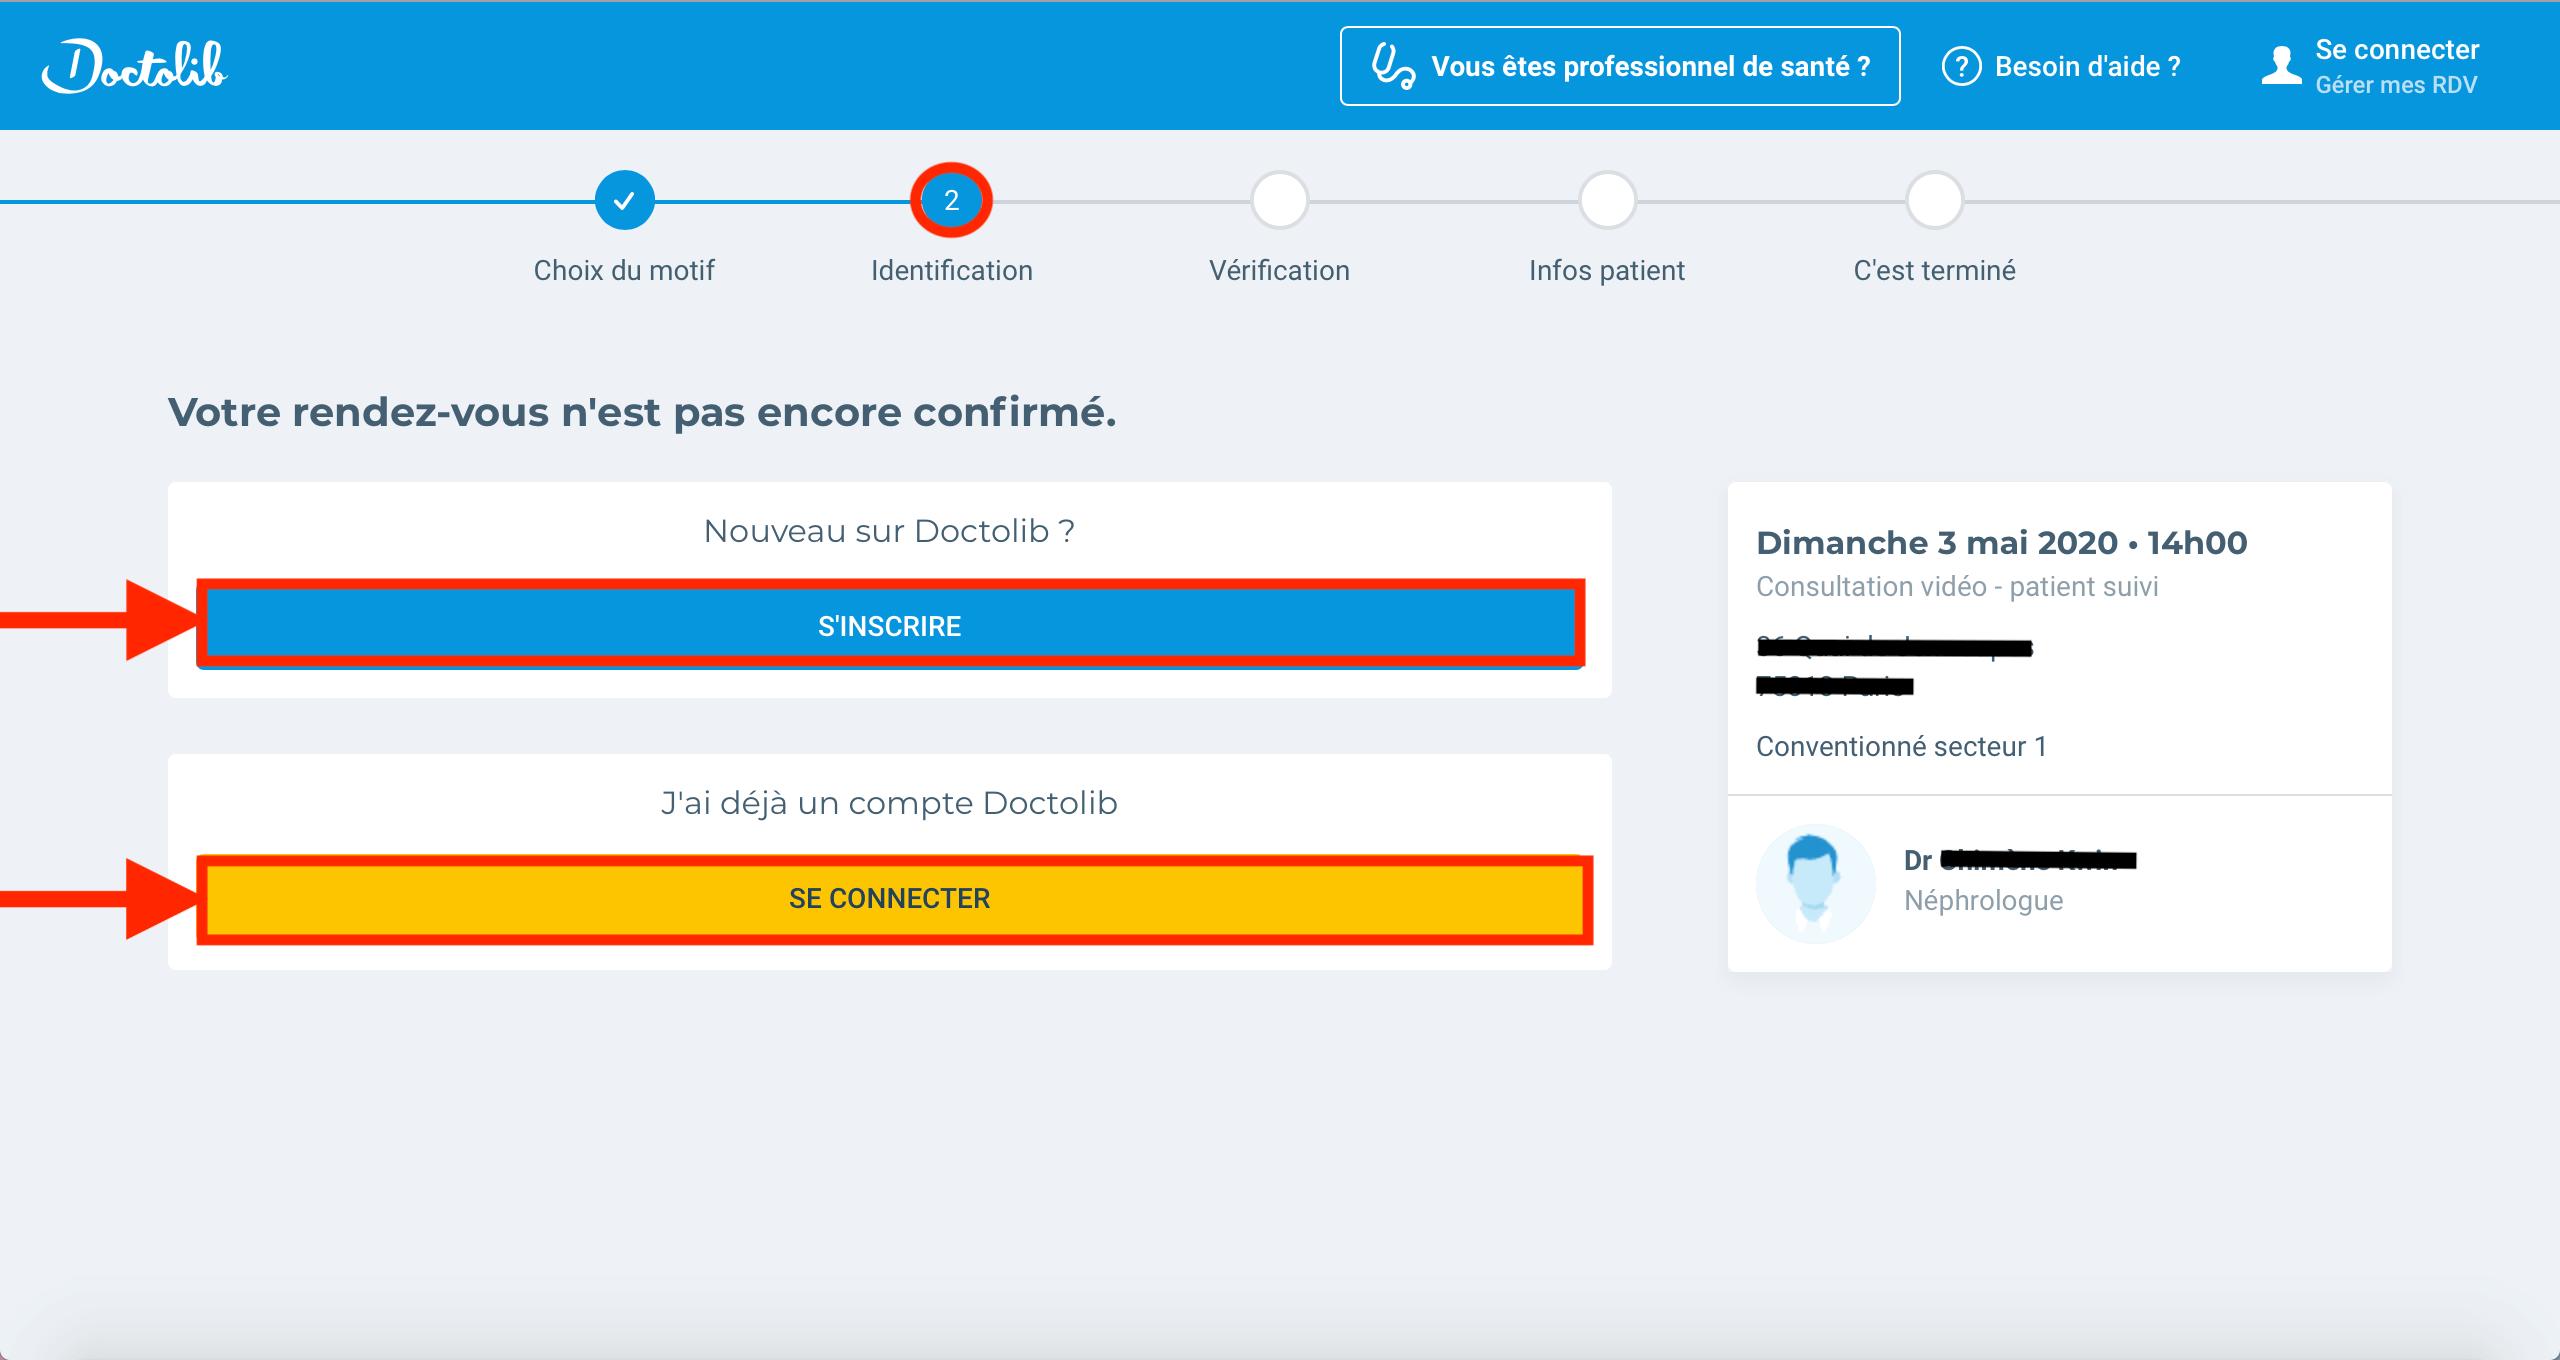 inscription ou connexion à un compte Doctolib